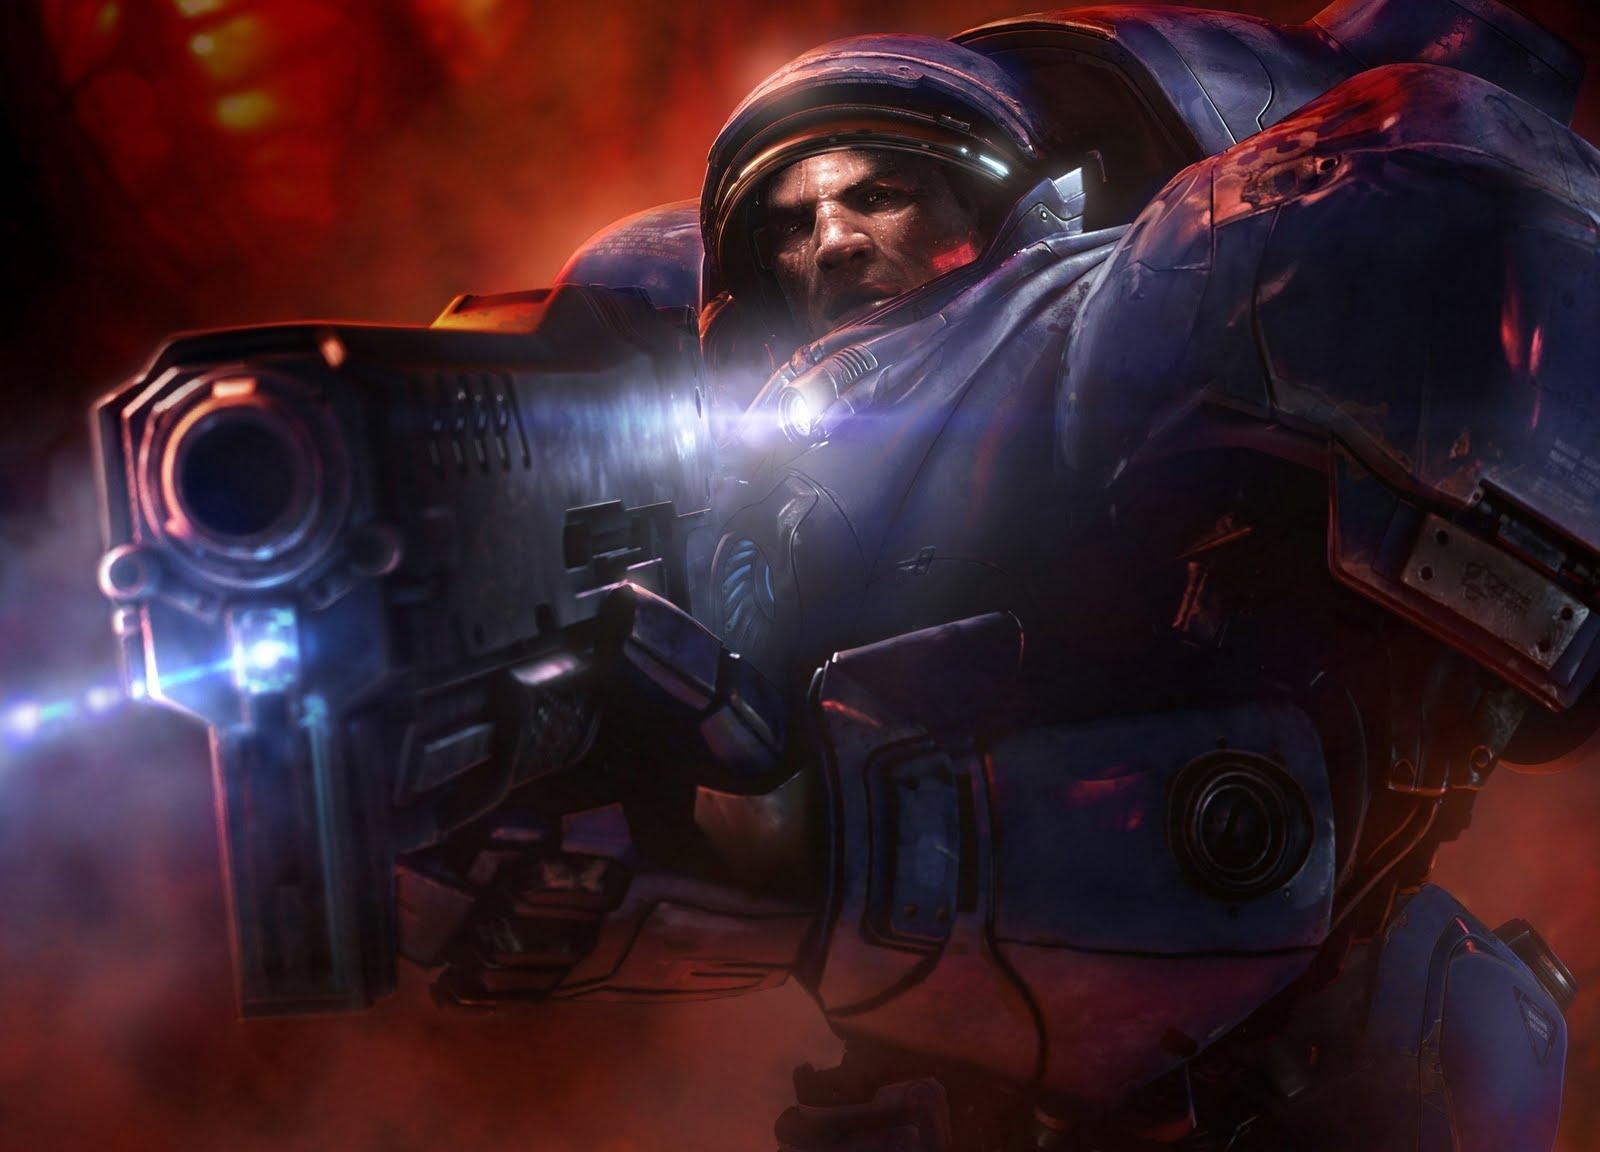 http://1.bp.blogspot.com/-tmQMHlOLJtA/TcNvEmZdokI/AAAAAAAABrM/4R_sKIKs03g/s1600/starcraft-2-hd-wallpapers.jpg